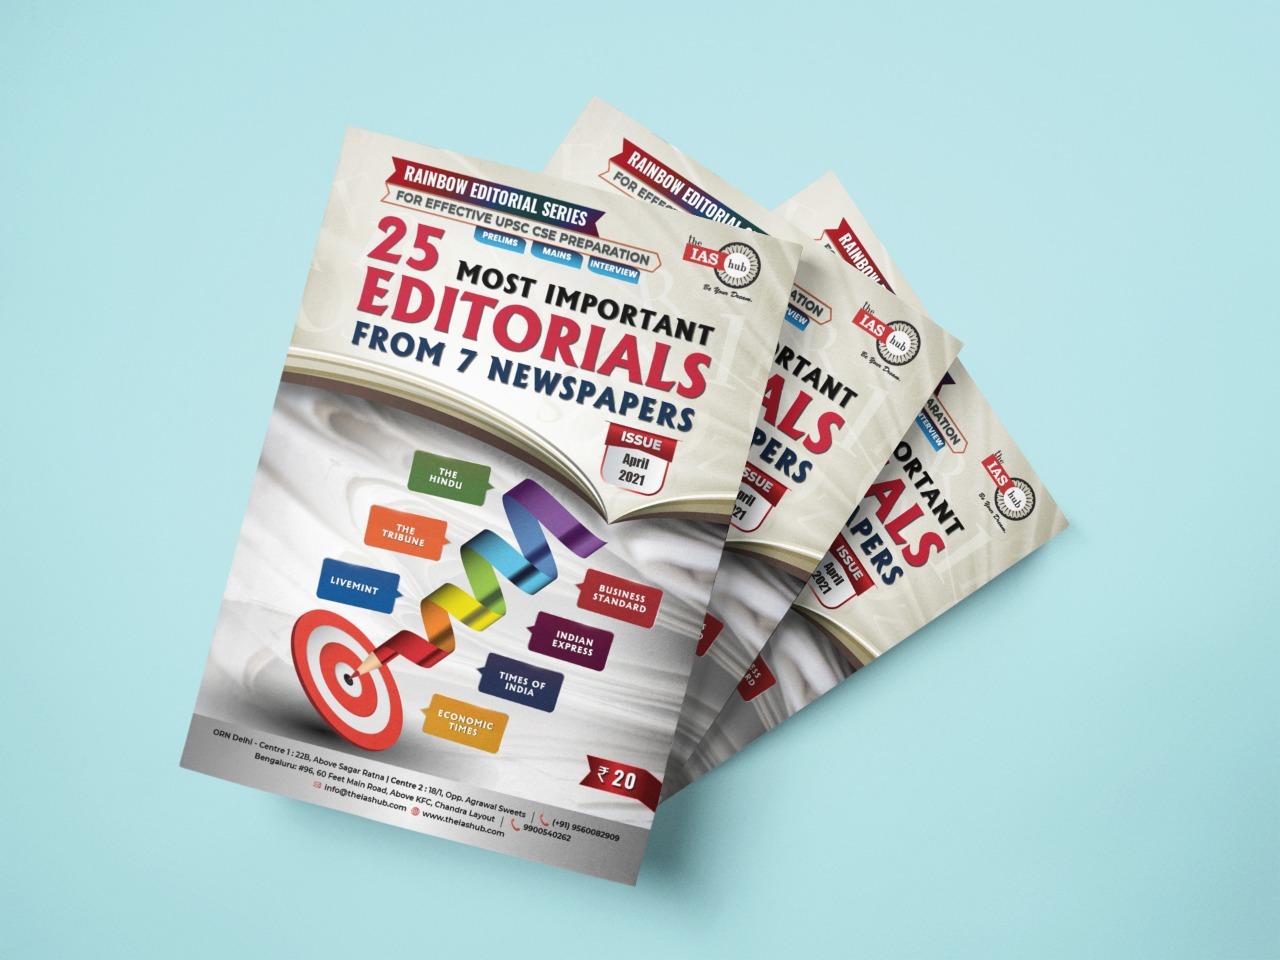 Rainbow Editorials - Image